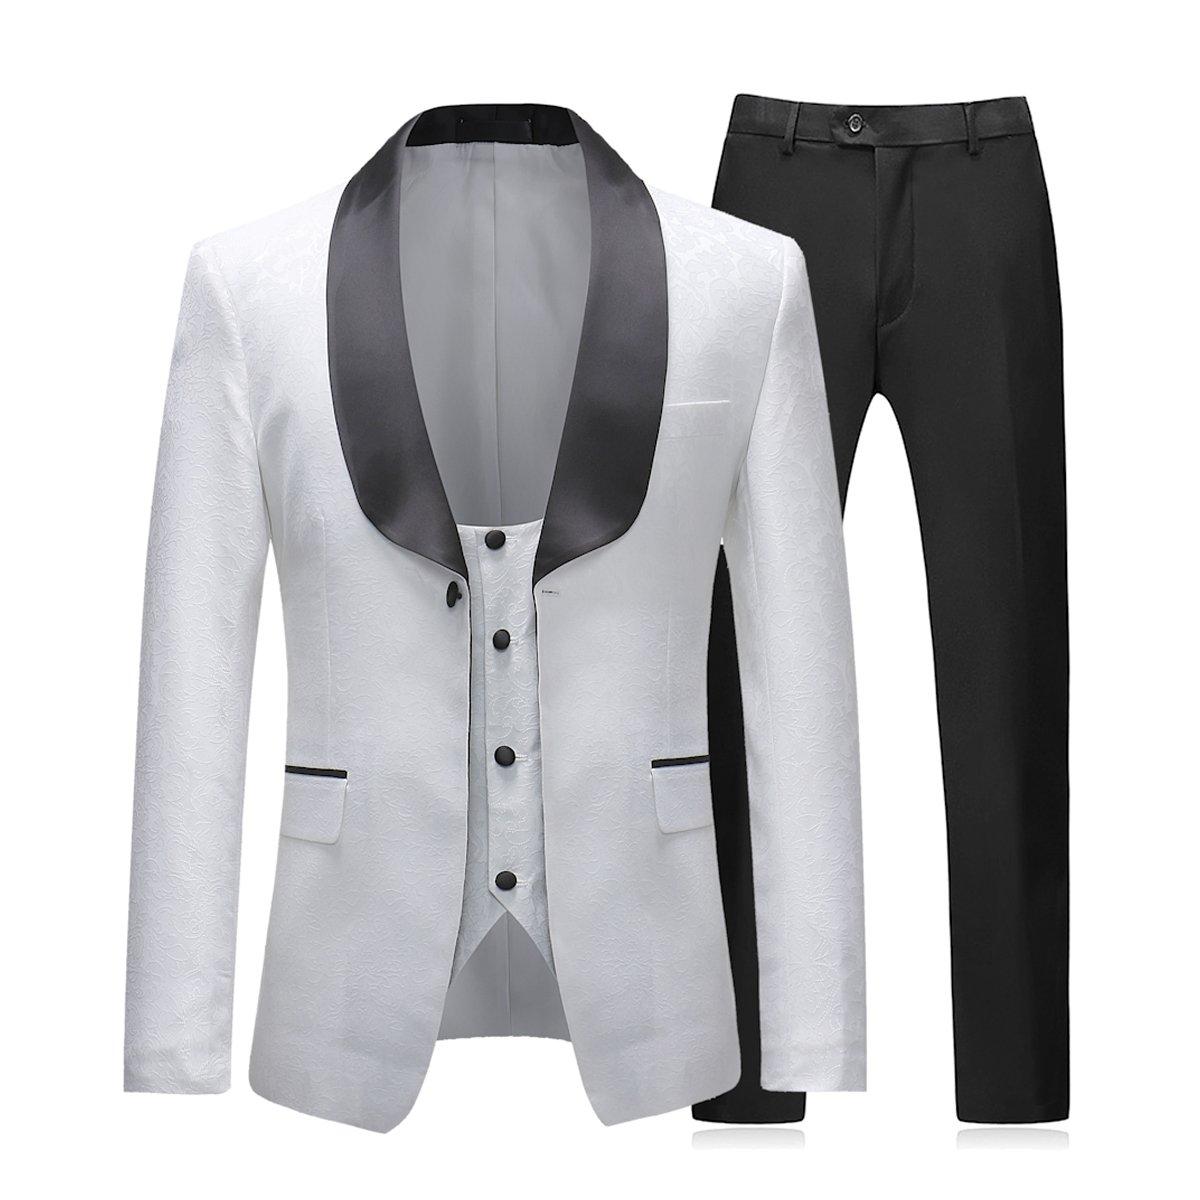 Abiti da Uomo 3 Pezzi Slim Fit Bianco Smoking Giacca Monopetto 1 Pulsante Vestito da Pranzo Giacca Gilet Nero Pantaloni